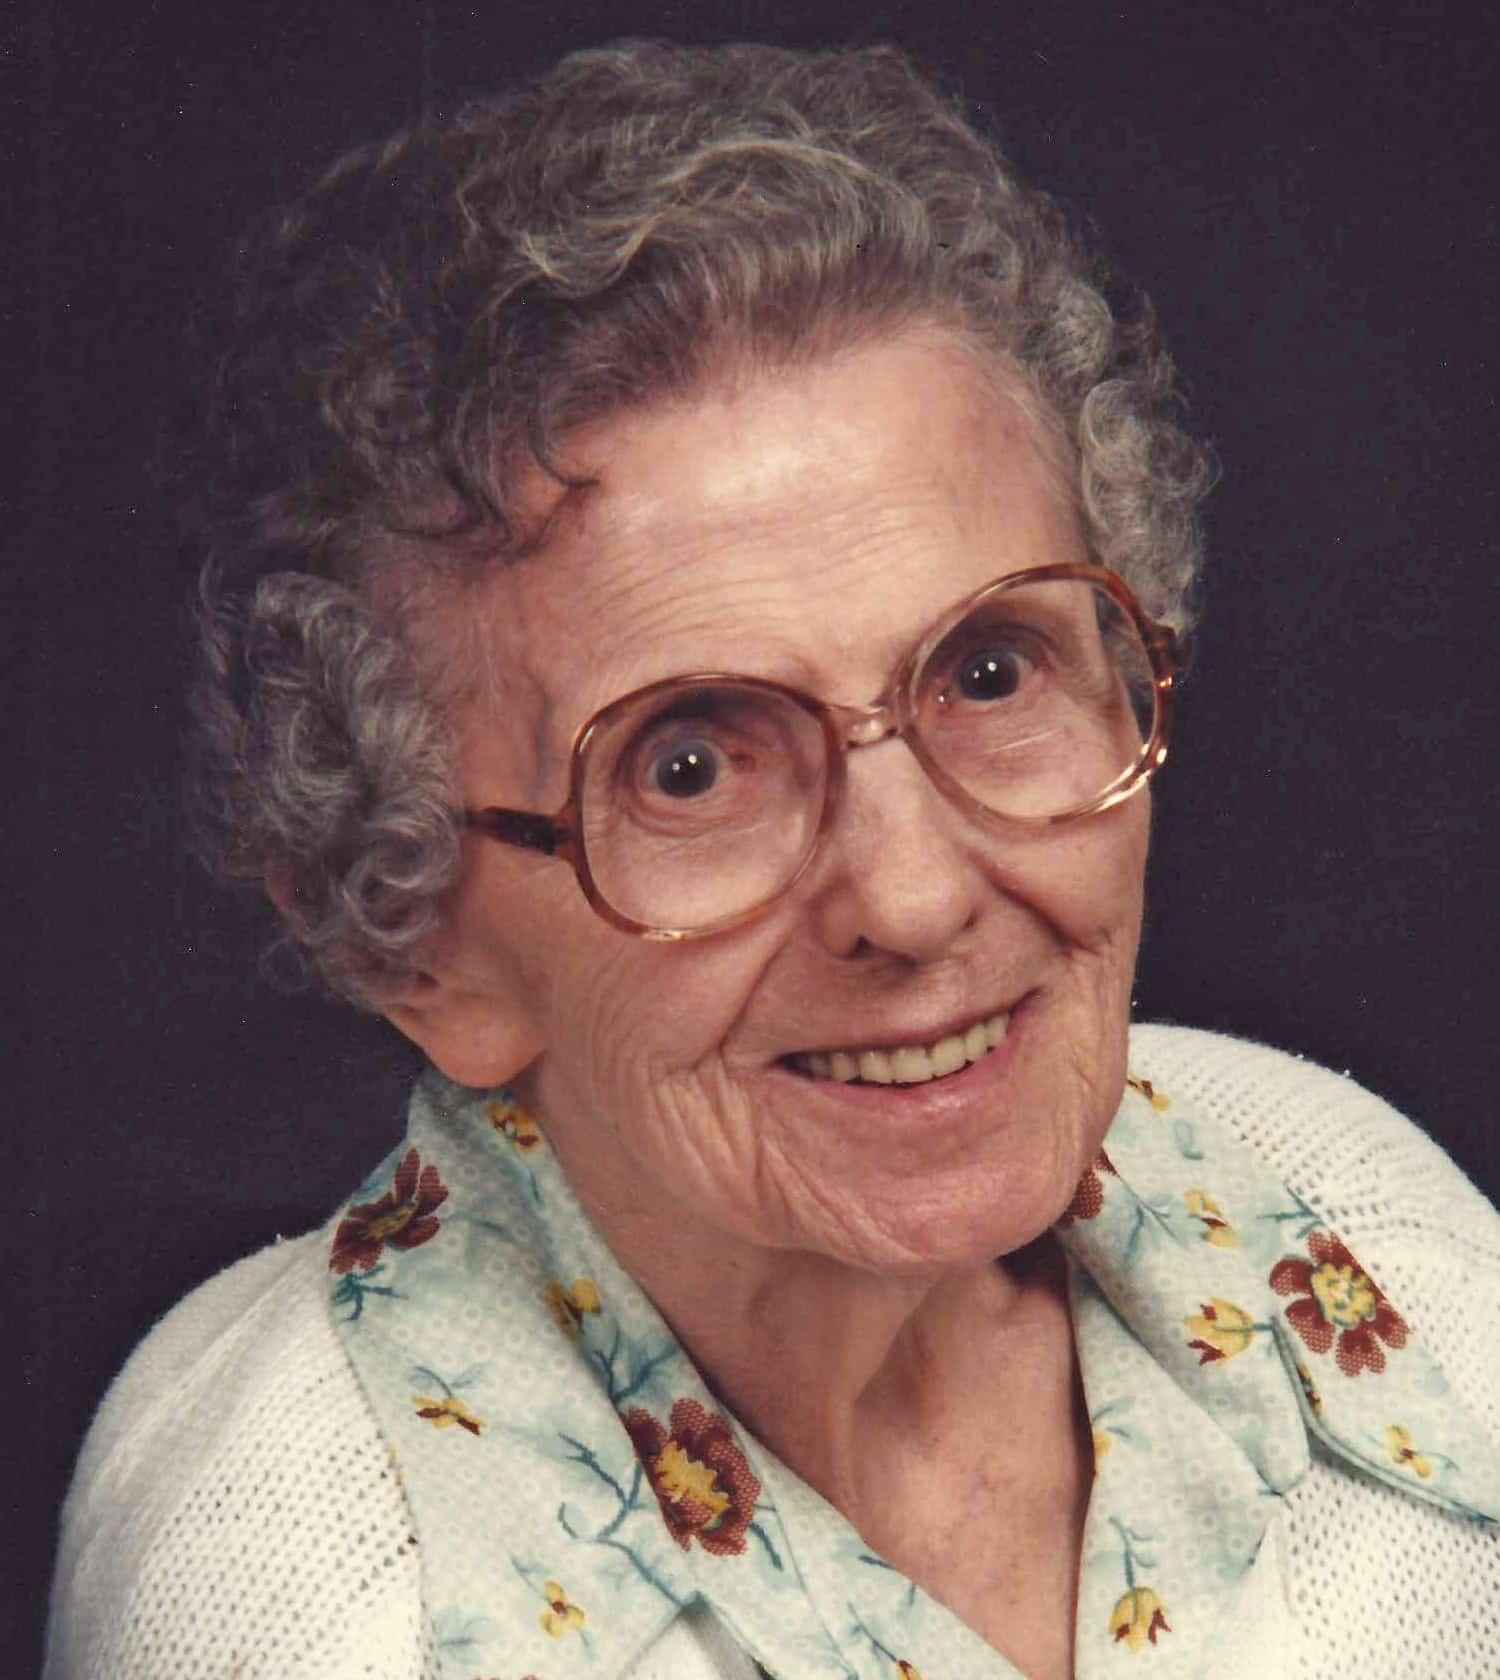 Grandma-label.jpg